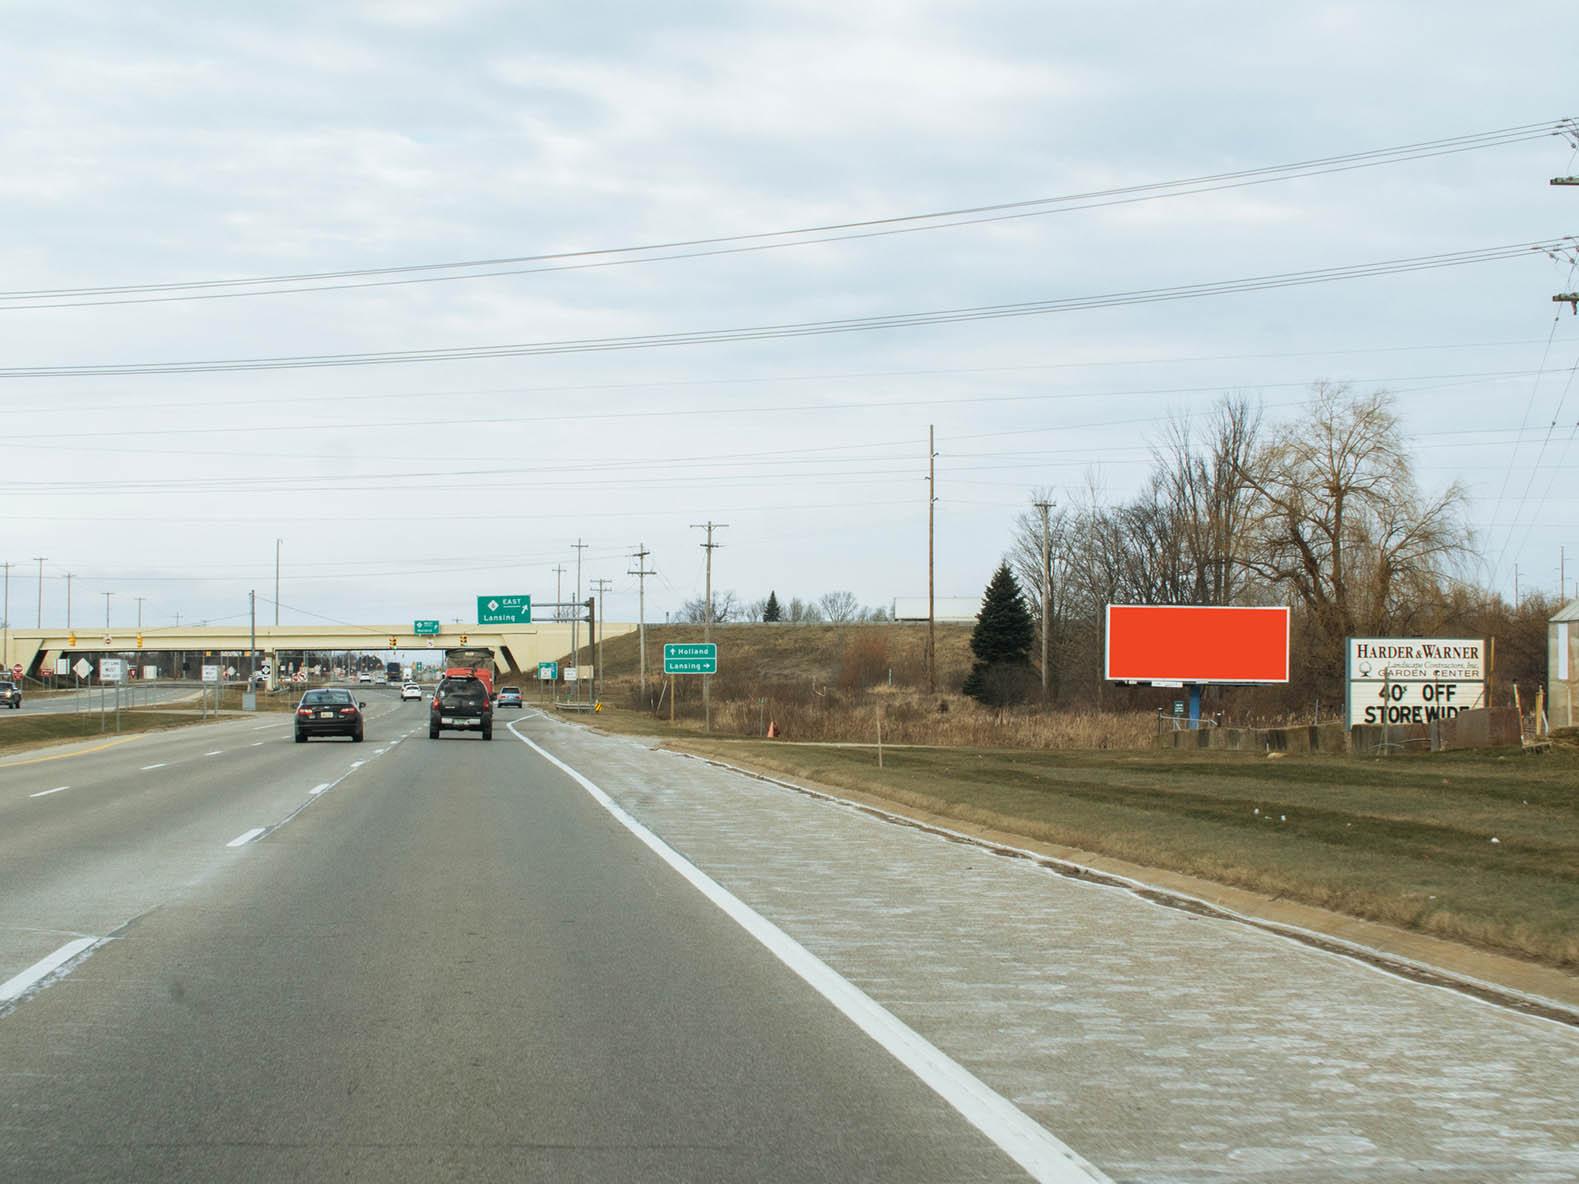 Billboard 505 South (9.2 x 23.6) - Geopath: 30655465